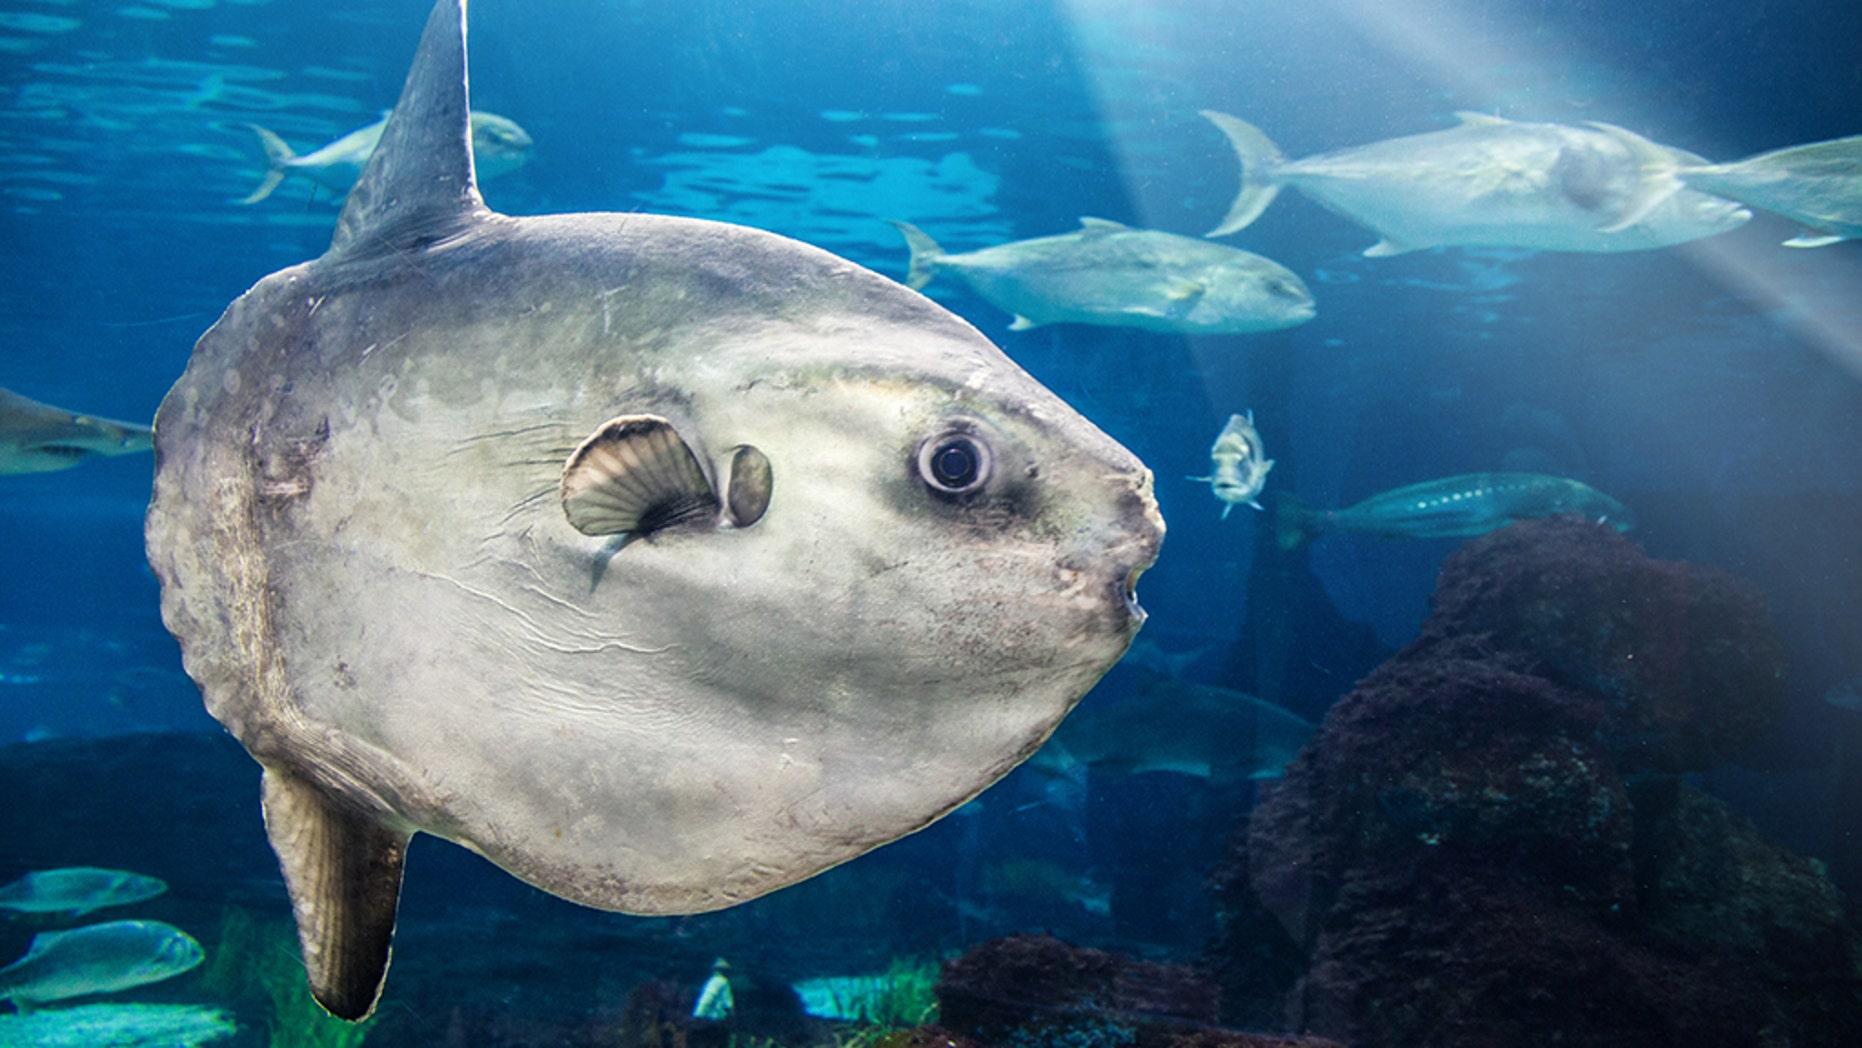 A closeup of a Mola Mola (Ocean Sunfish).